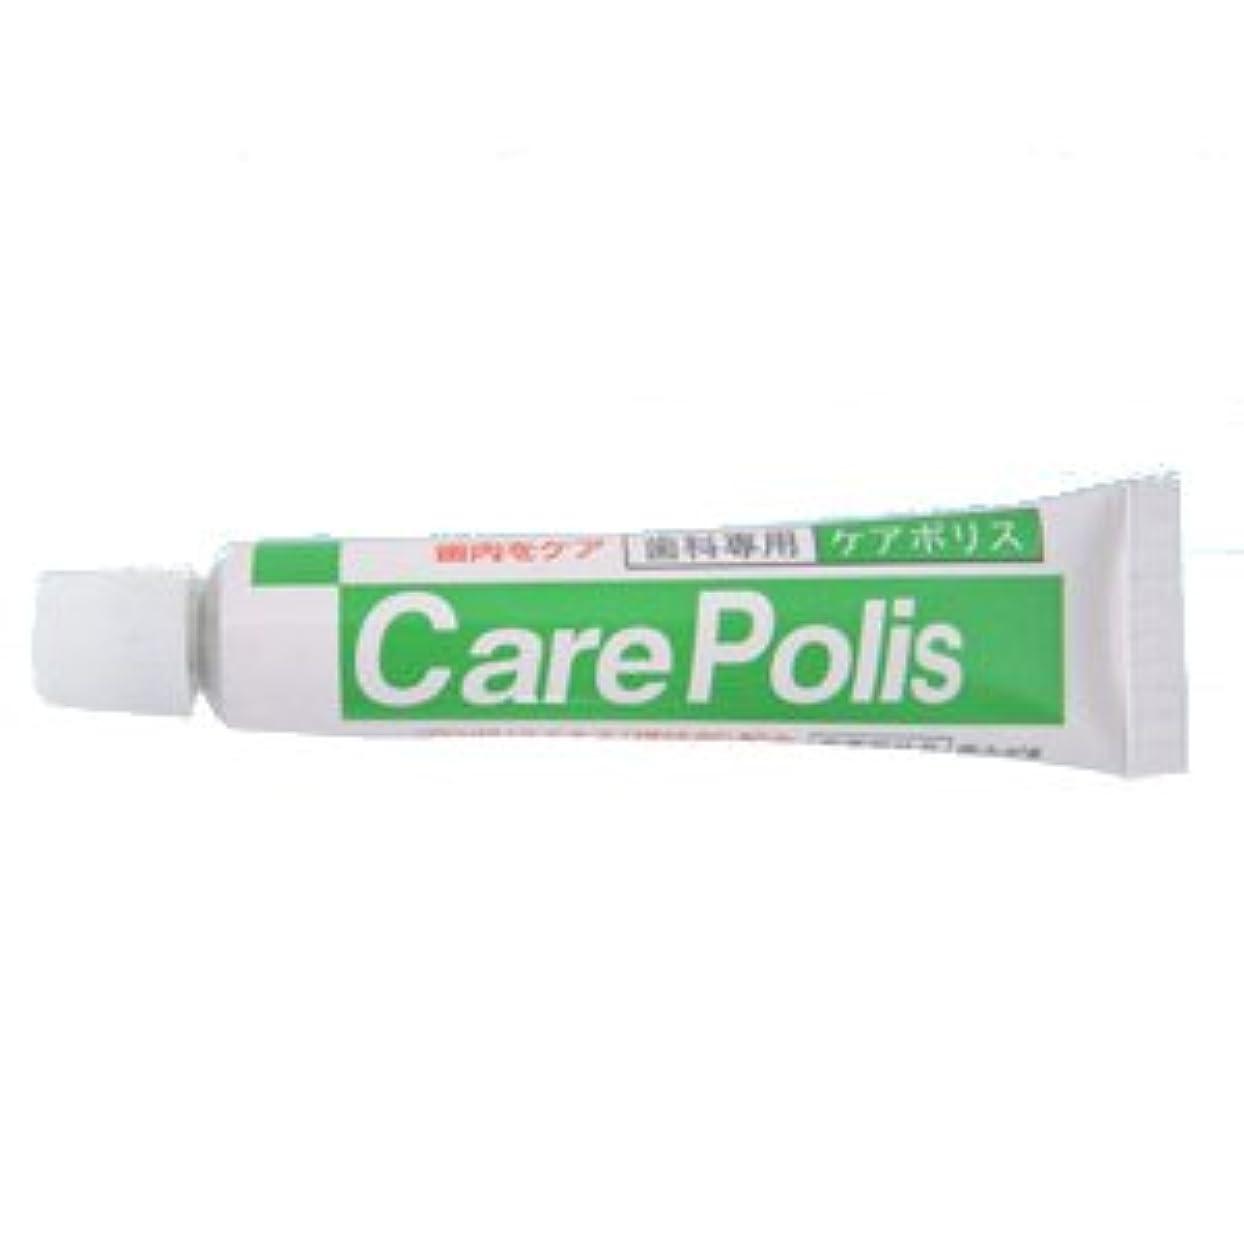 断線インストール引用薬用歯磨 ケアポリス 7g 医薬部外品